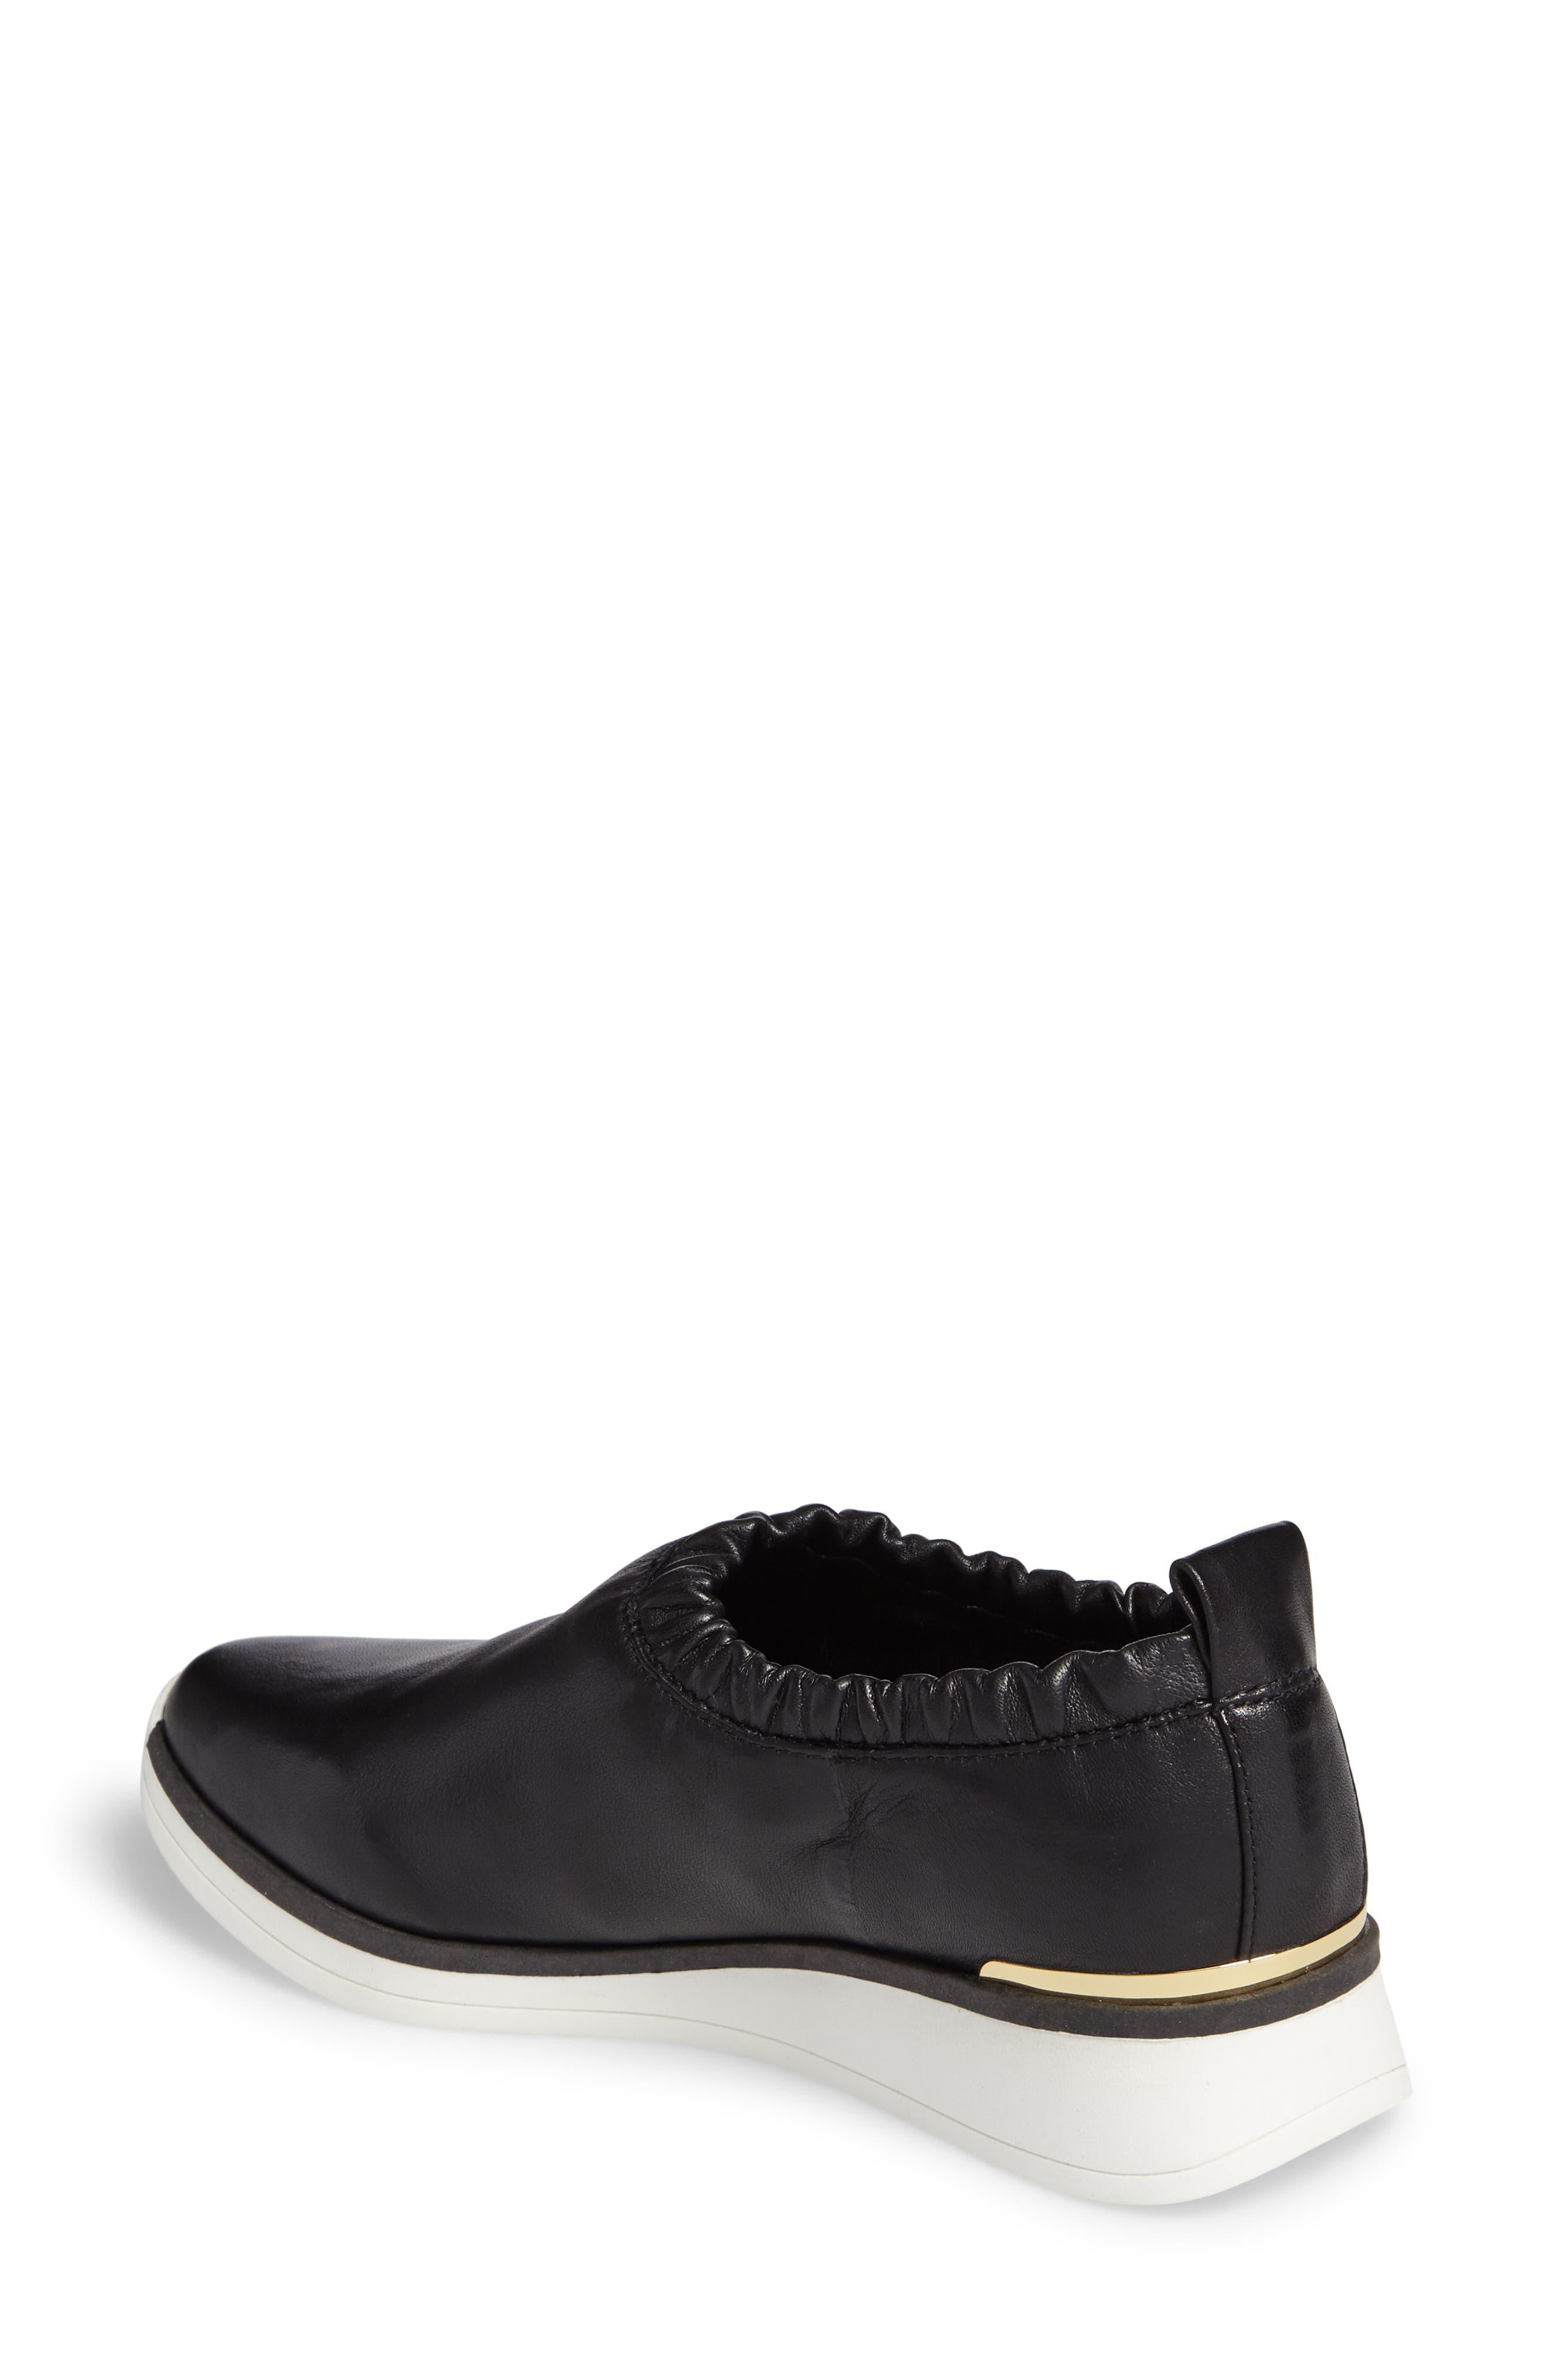 Brogen Slip-On Sneaker,                             Alternate thumbnail 2, color,                             Black Leather